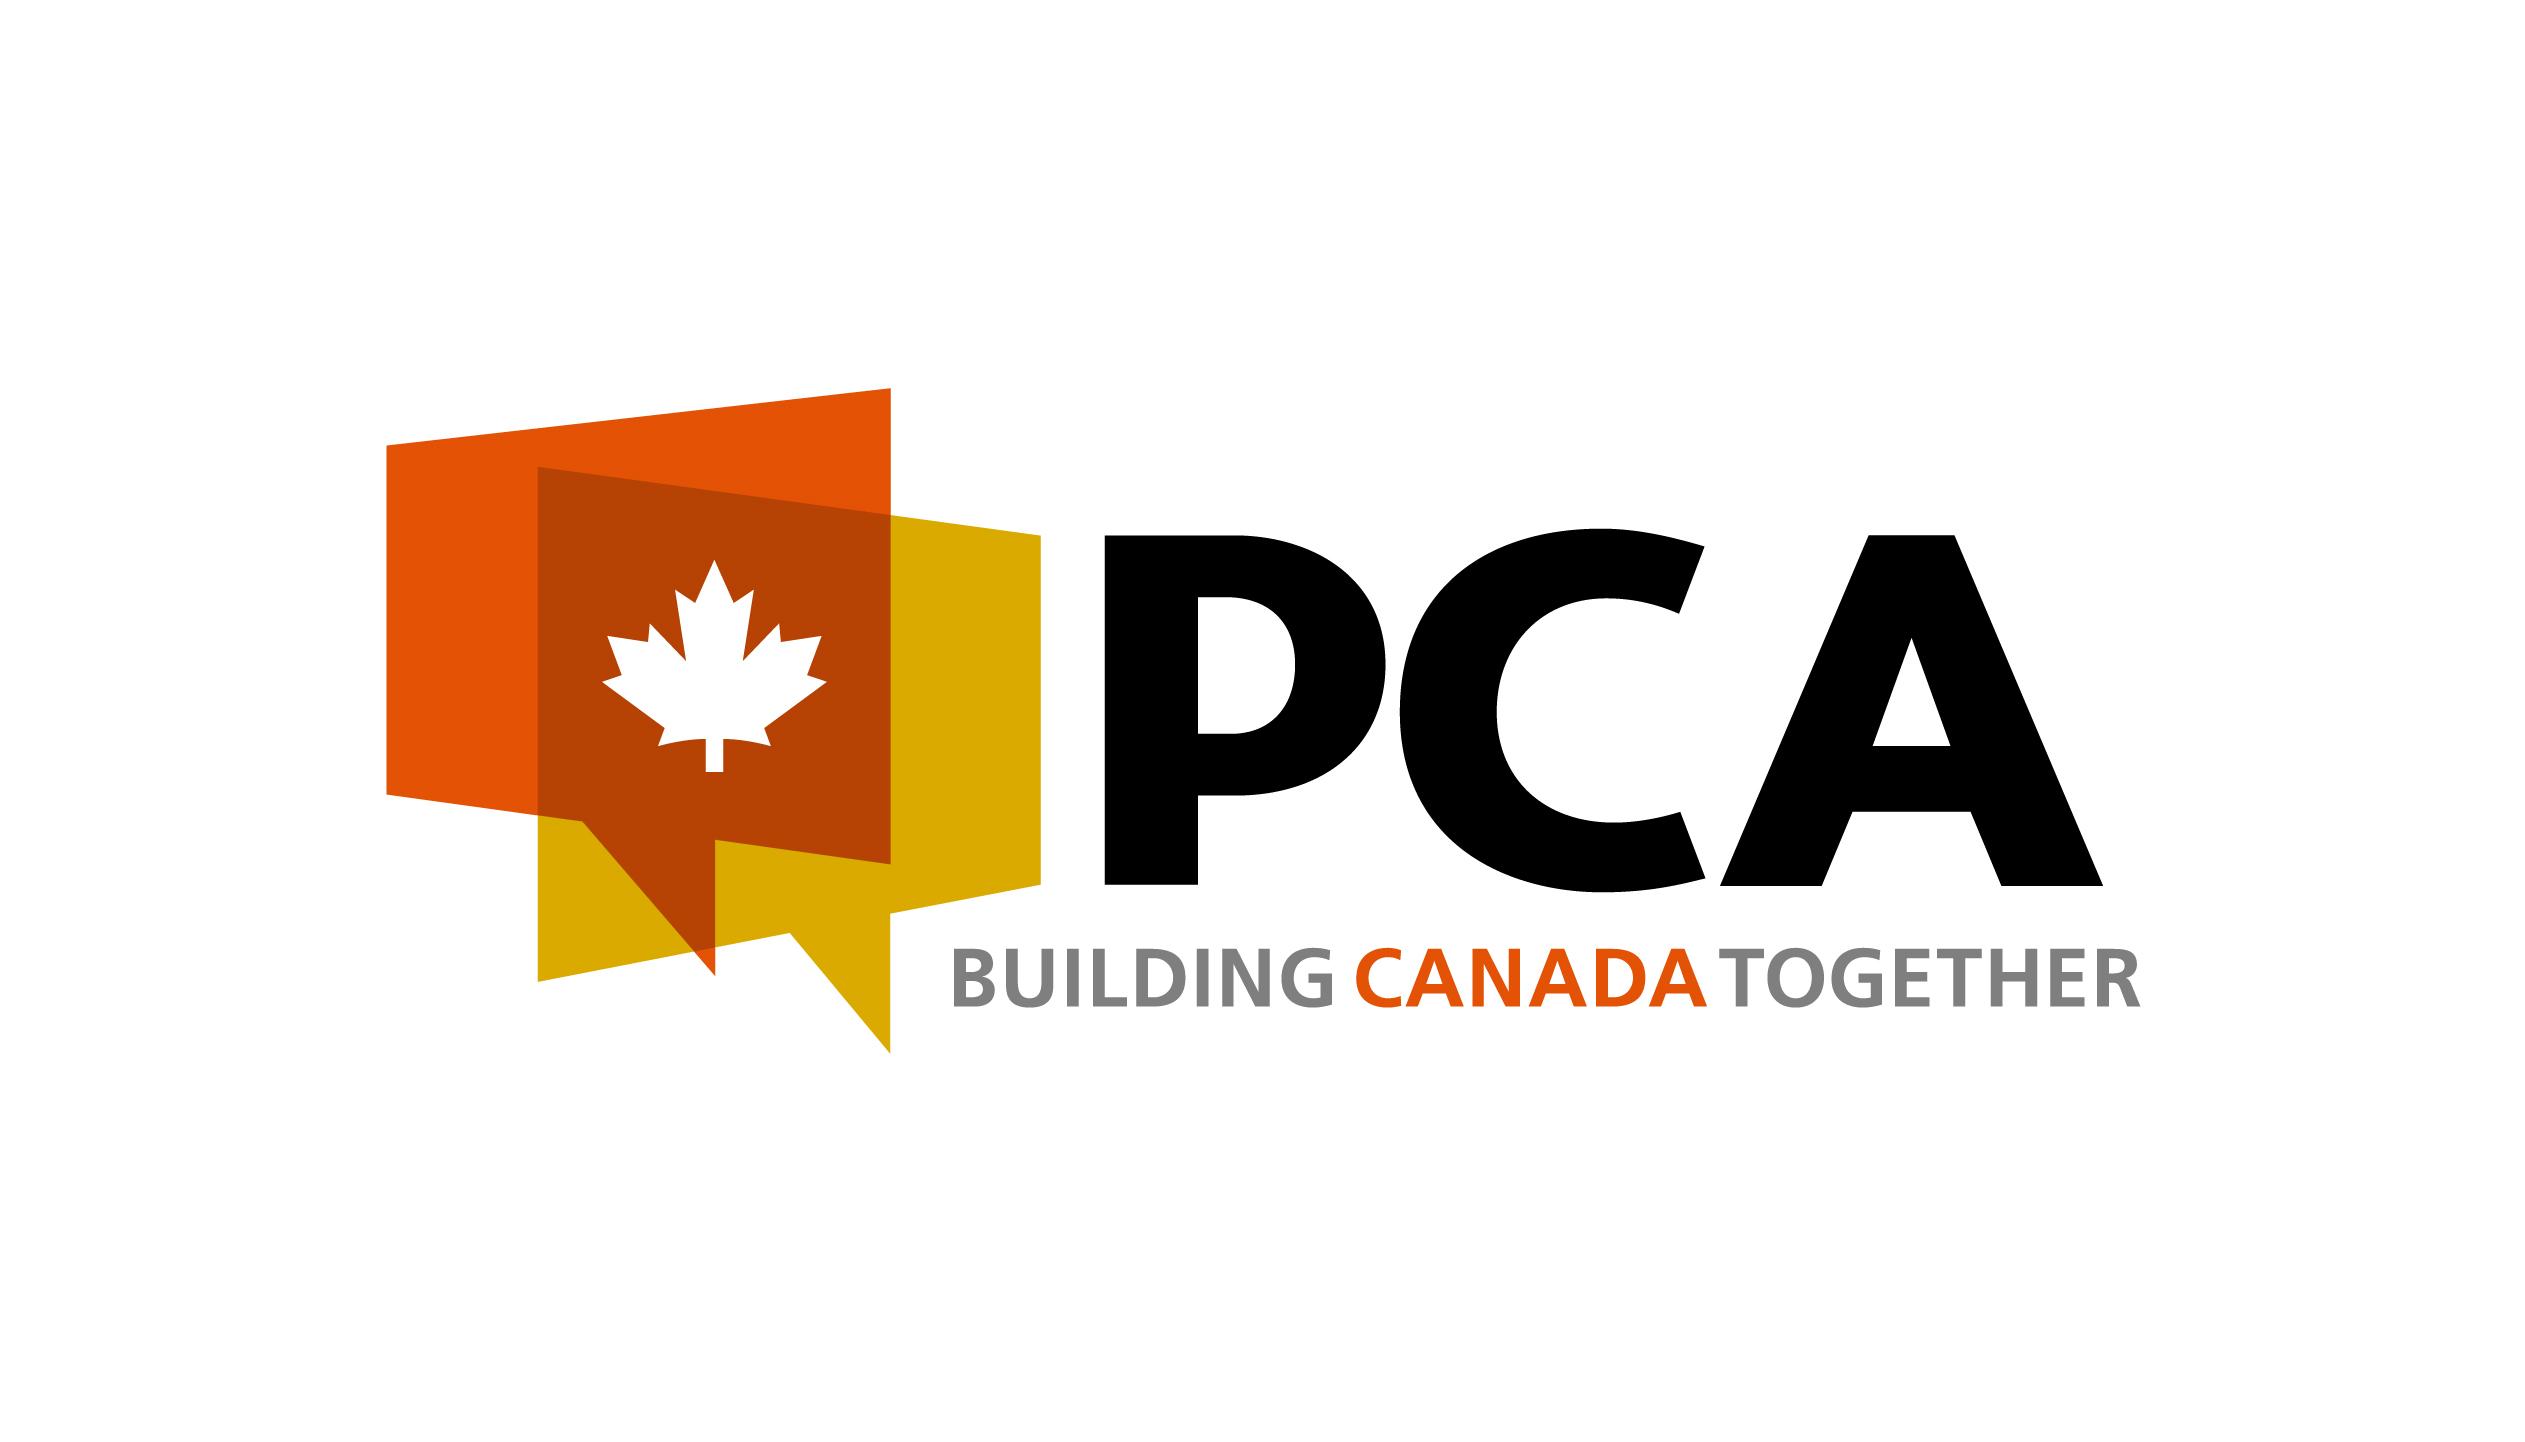 pca_logo_color-high-quality